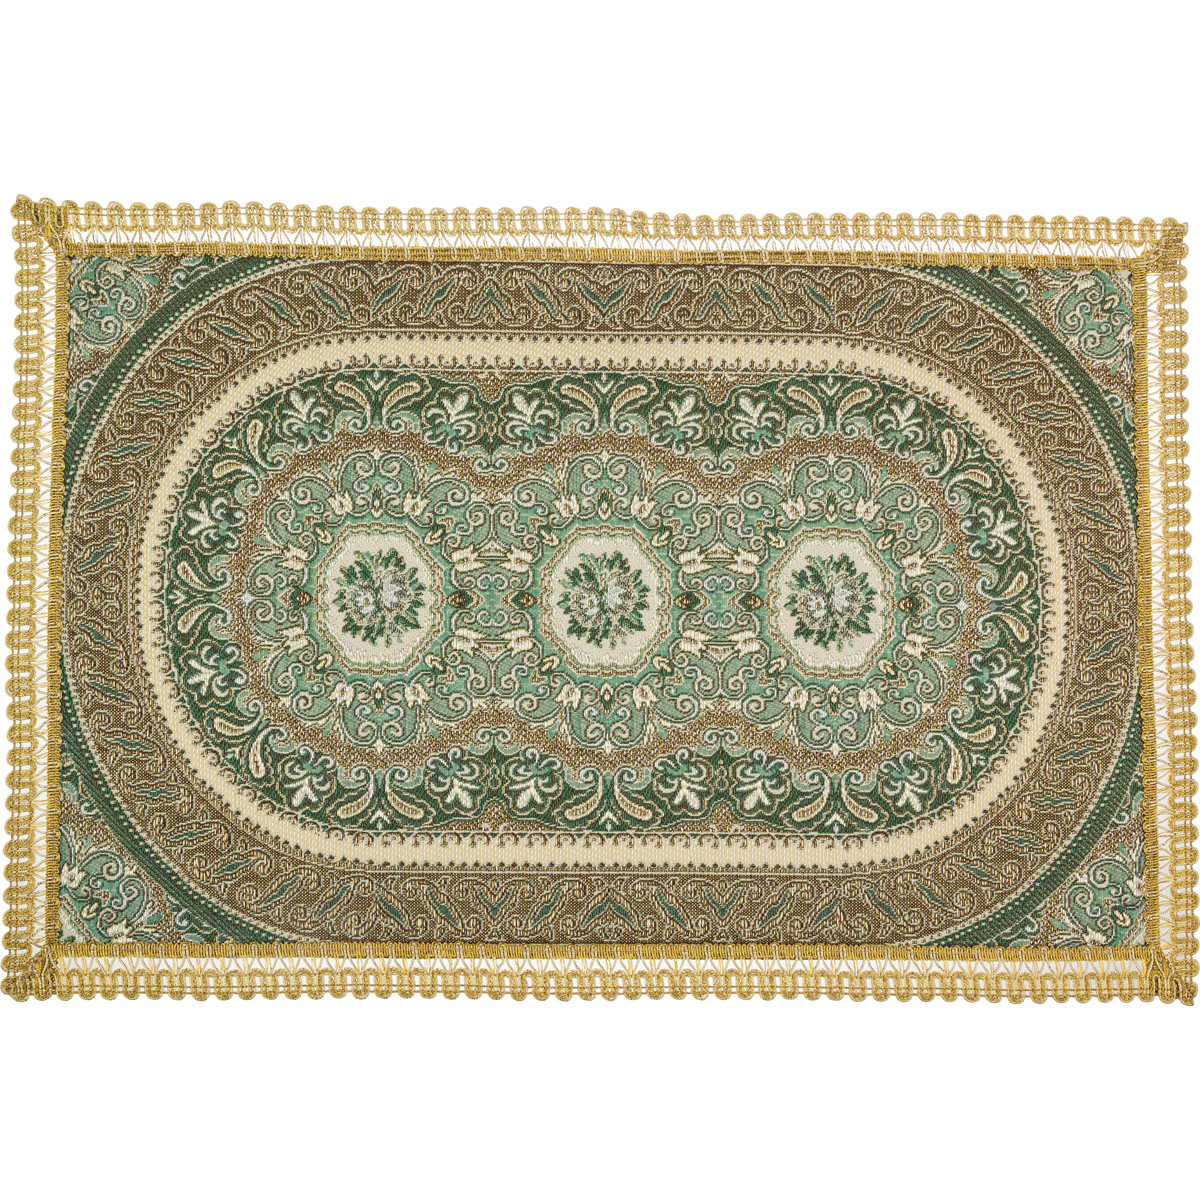 Скатерти и салфетки Lefard Салфетки Shania  (32х48 см) салфетка декоративная lefard 48 32 см